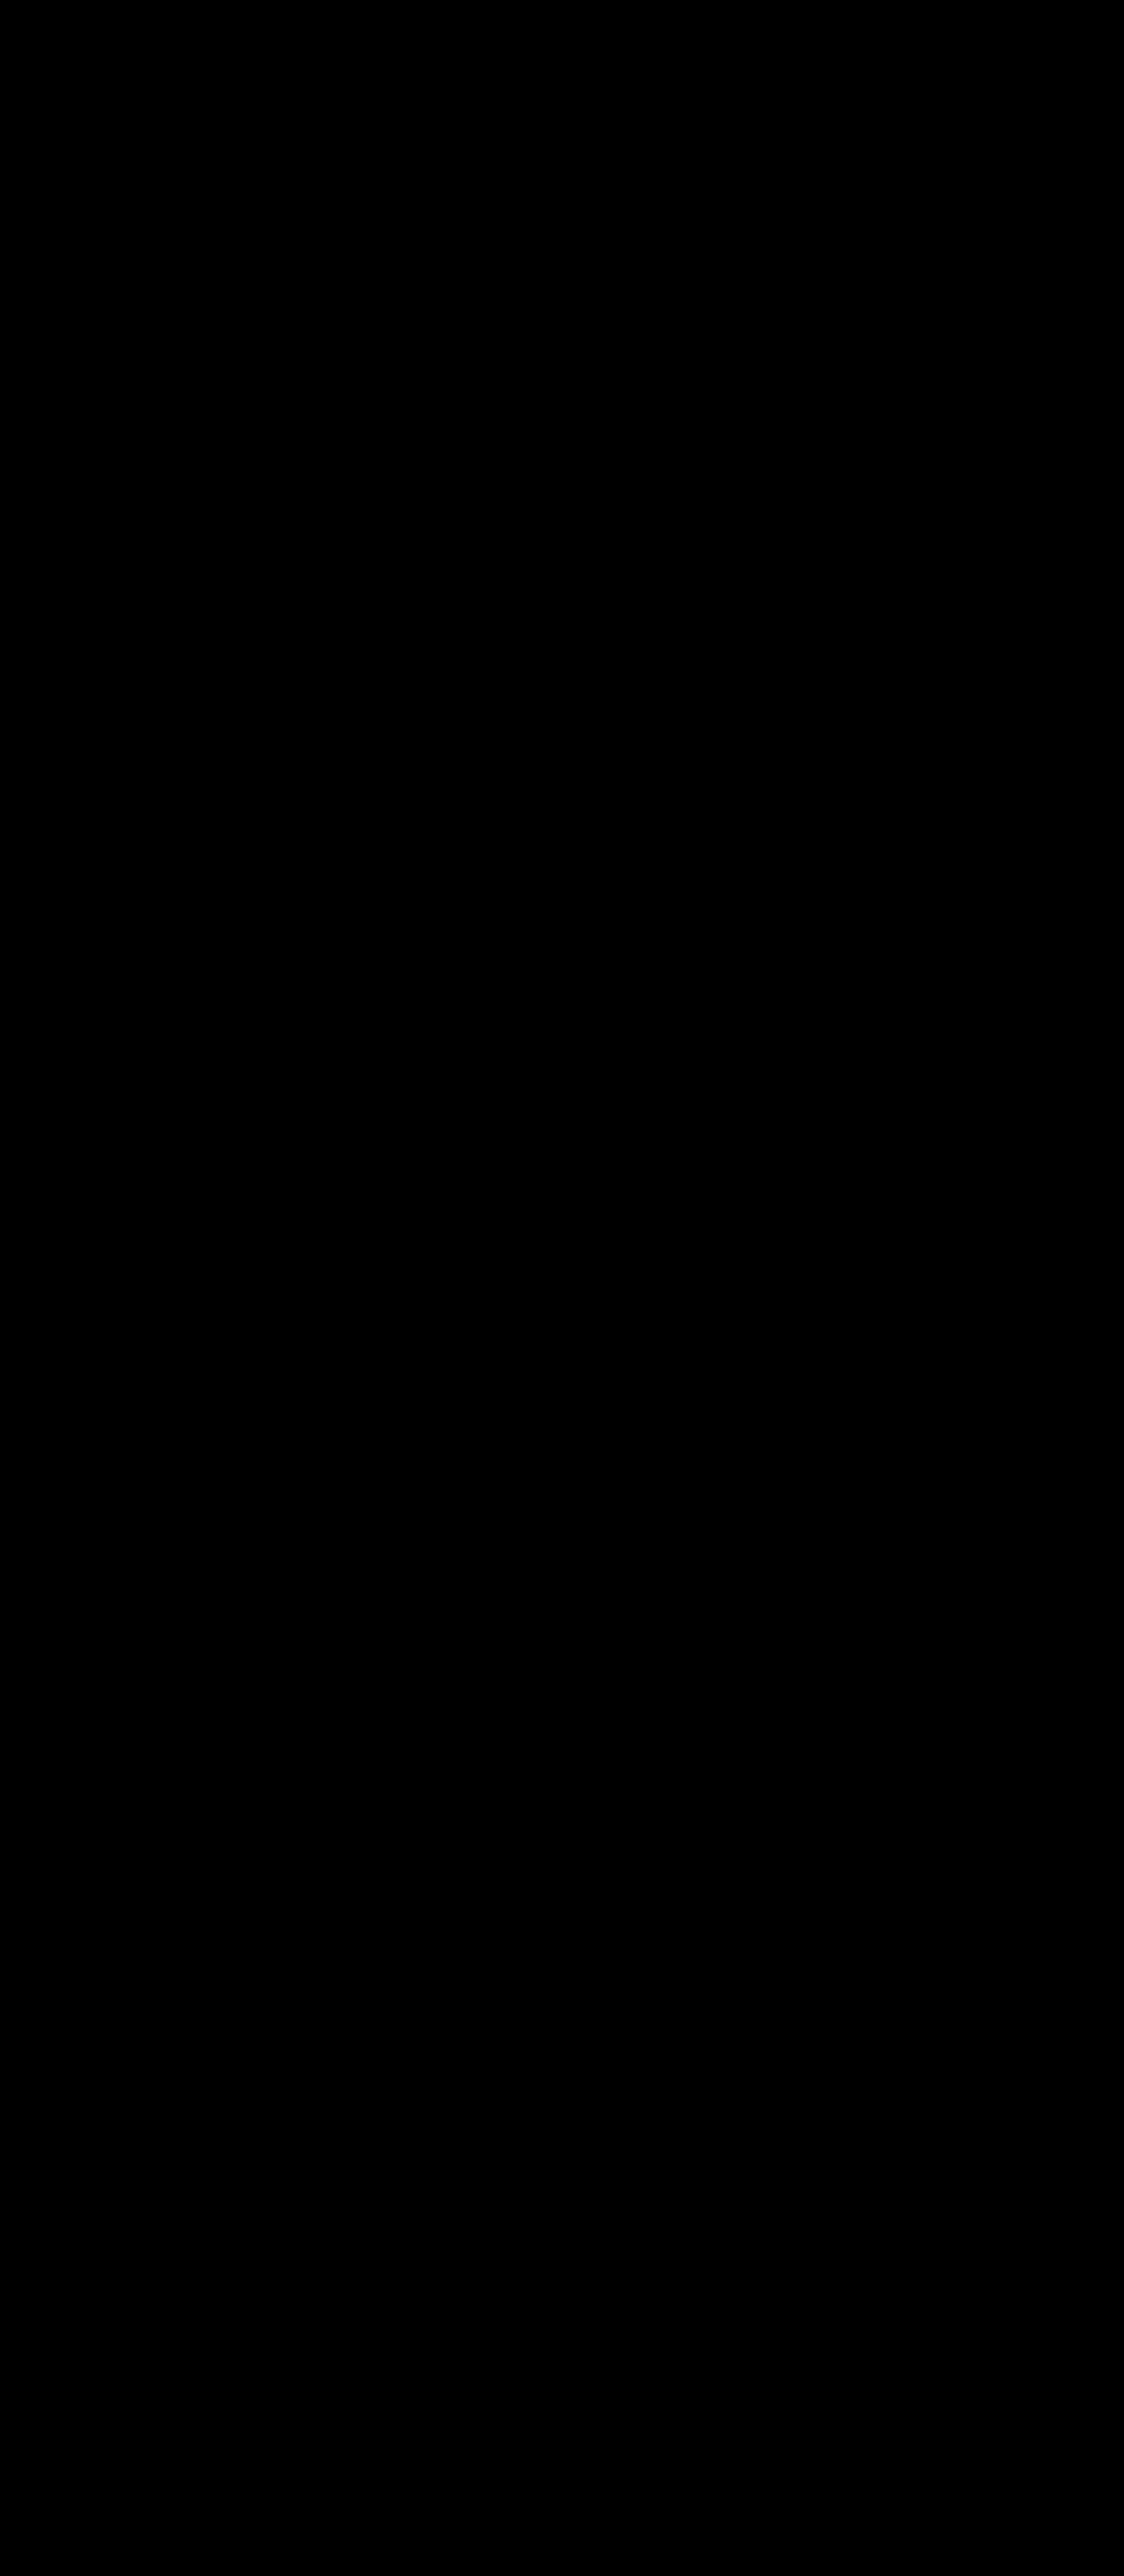 1 Stk Zählerverteiler Einsatz 2-28E, 2 Zählerplätze, Wien IL144228--